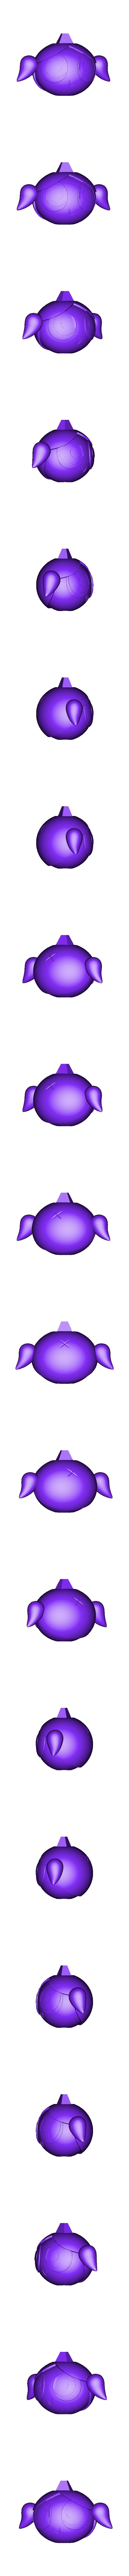 Blue_Nana_-_Head.stl Télécharger fichier STL gratuit Super Nana Totem • Design imprimable en 3D, BODY3D